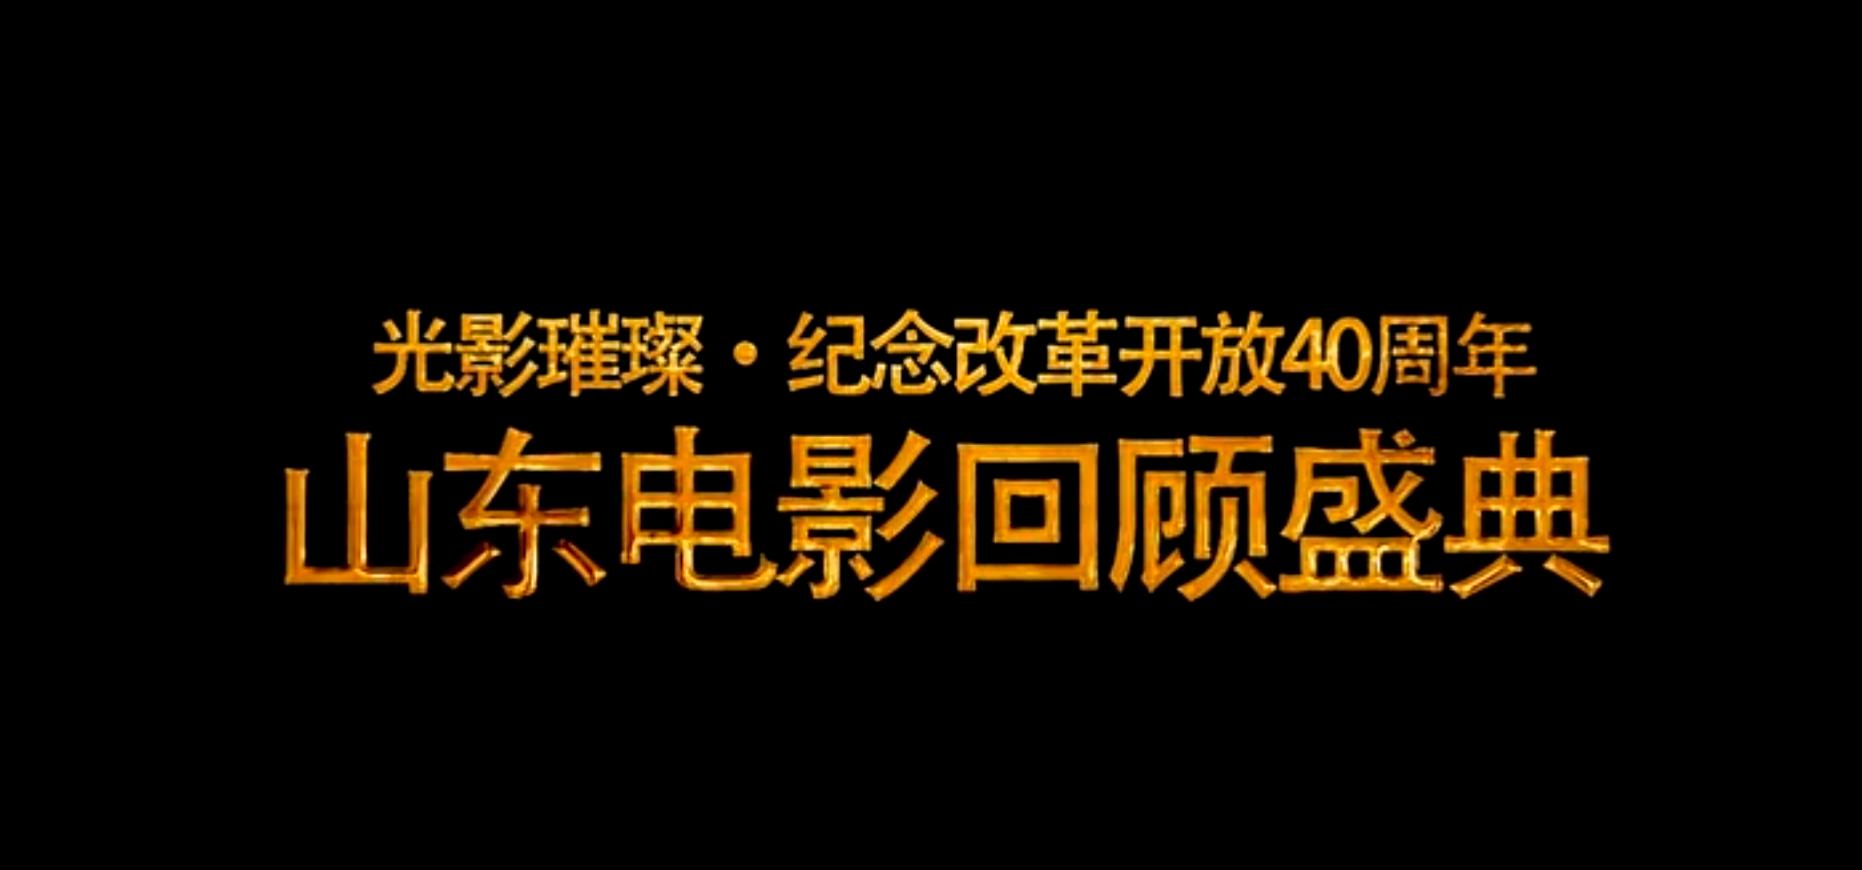 """""""光影璀璨·纪念改革开放40周年""""山东电影回顾盛典"""